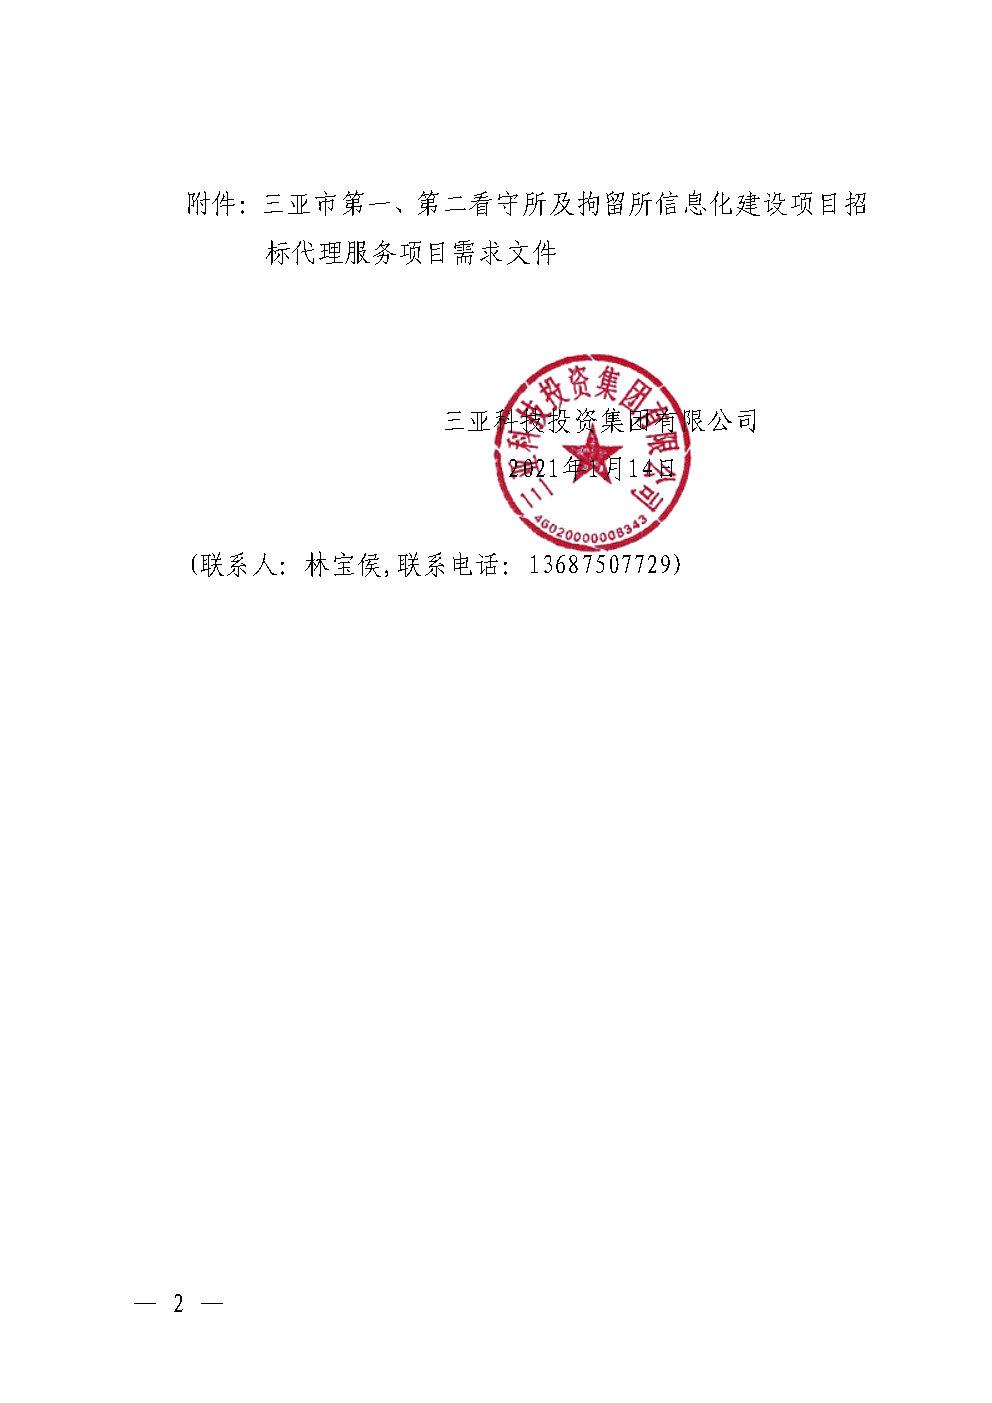 关于三亚市第一、第二看守所及拘留所信息化建设项目招标代理服务项目询价函_Page2.jpg